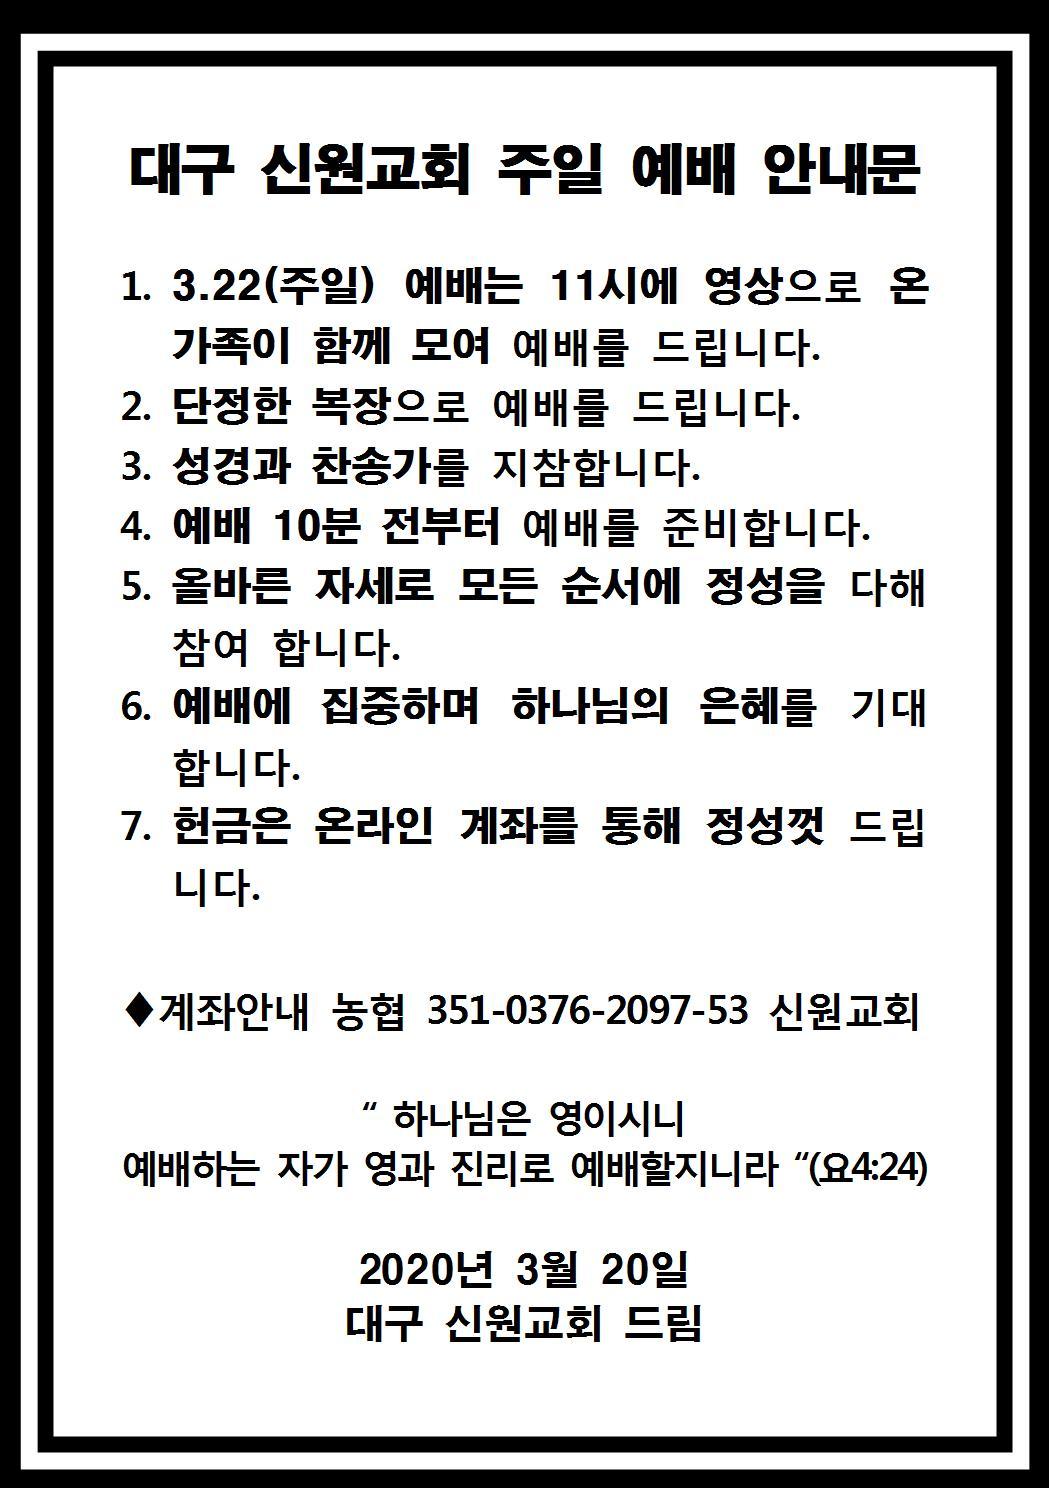 대구신원교회 주일 예배 공지 3.22 예배 공지문001.jpg